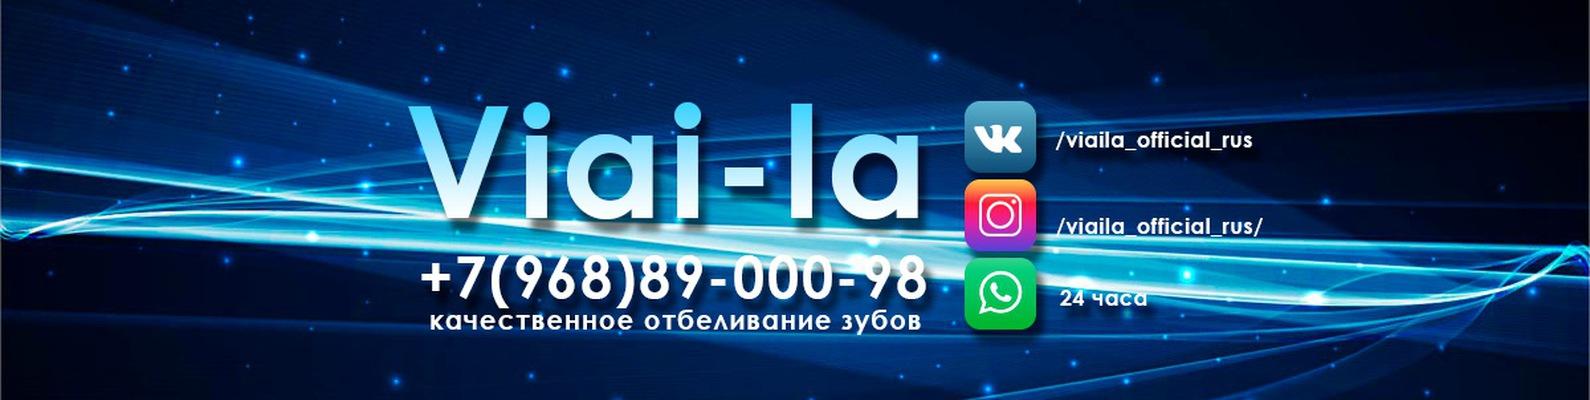 Купить больничный лист за 500 рублей в Москве Сокол